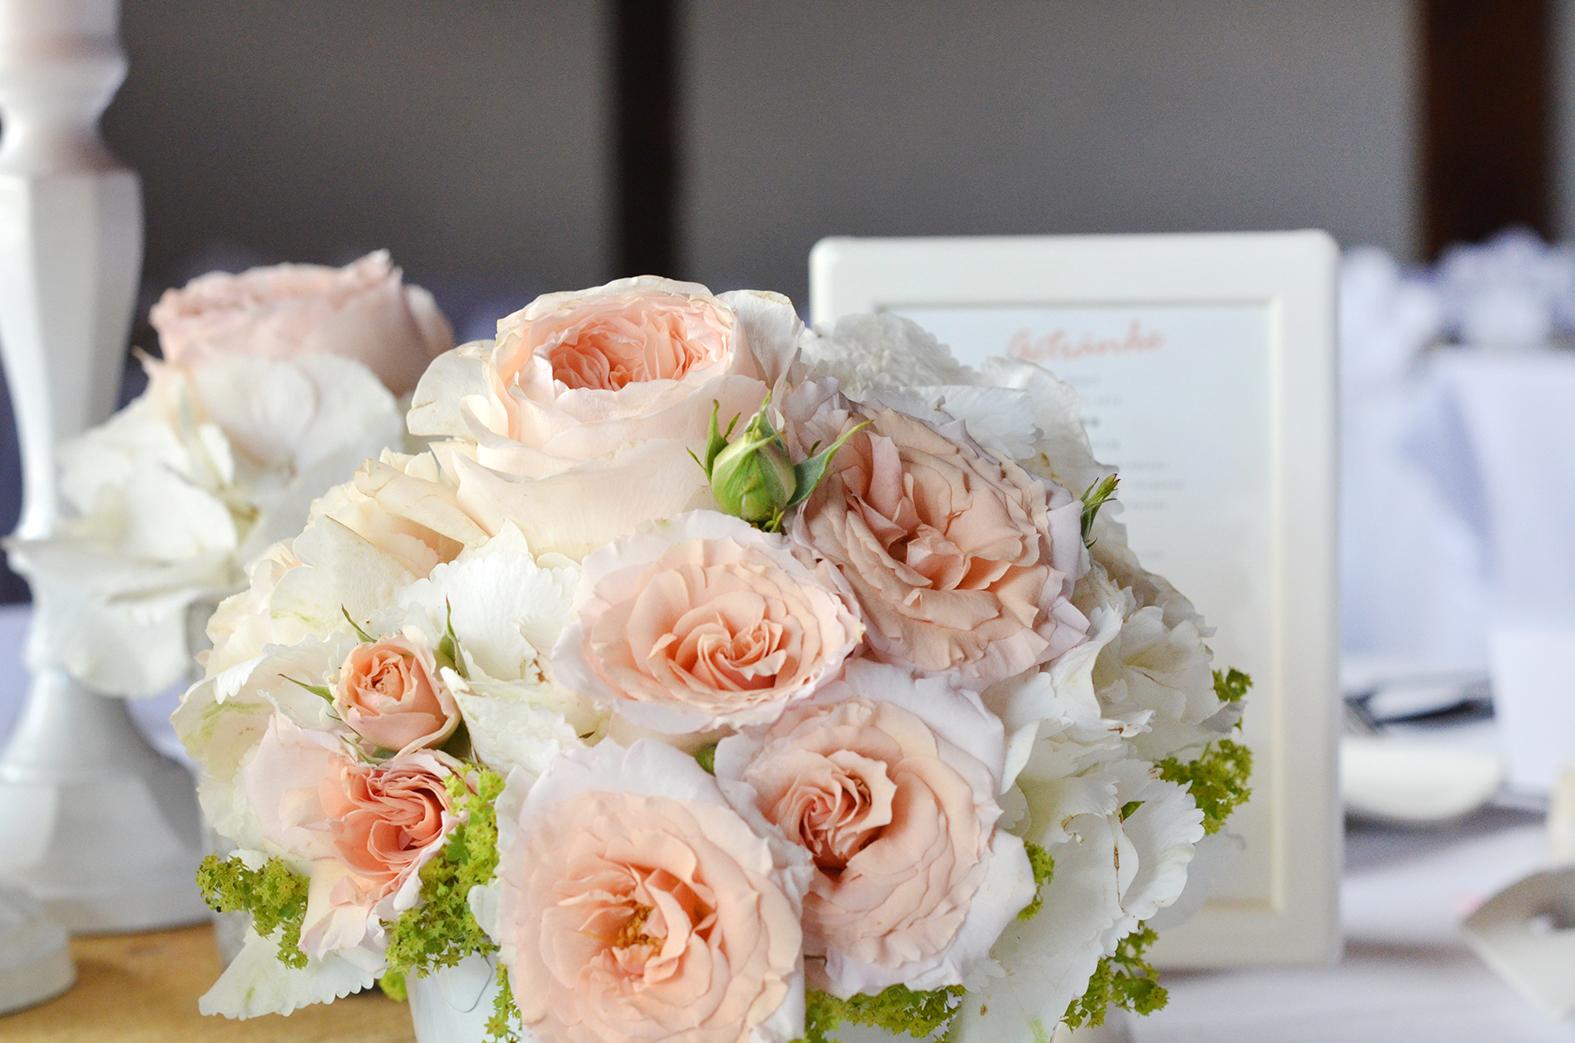 Tischdeko Apricot Hochzeit Hochzeitsdekoration In Lachs Apricot Farbe